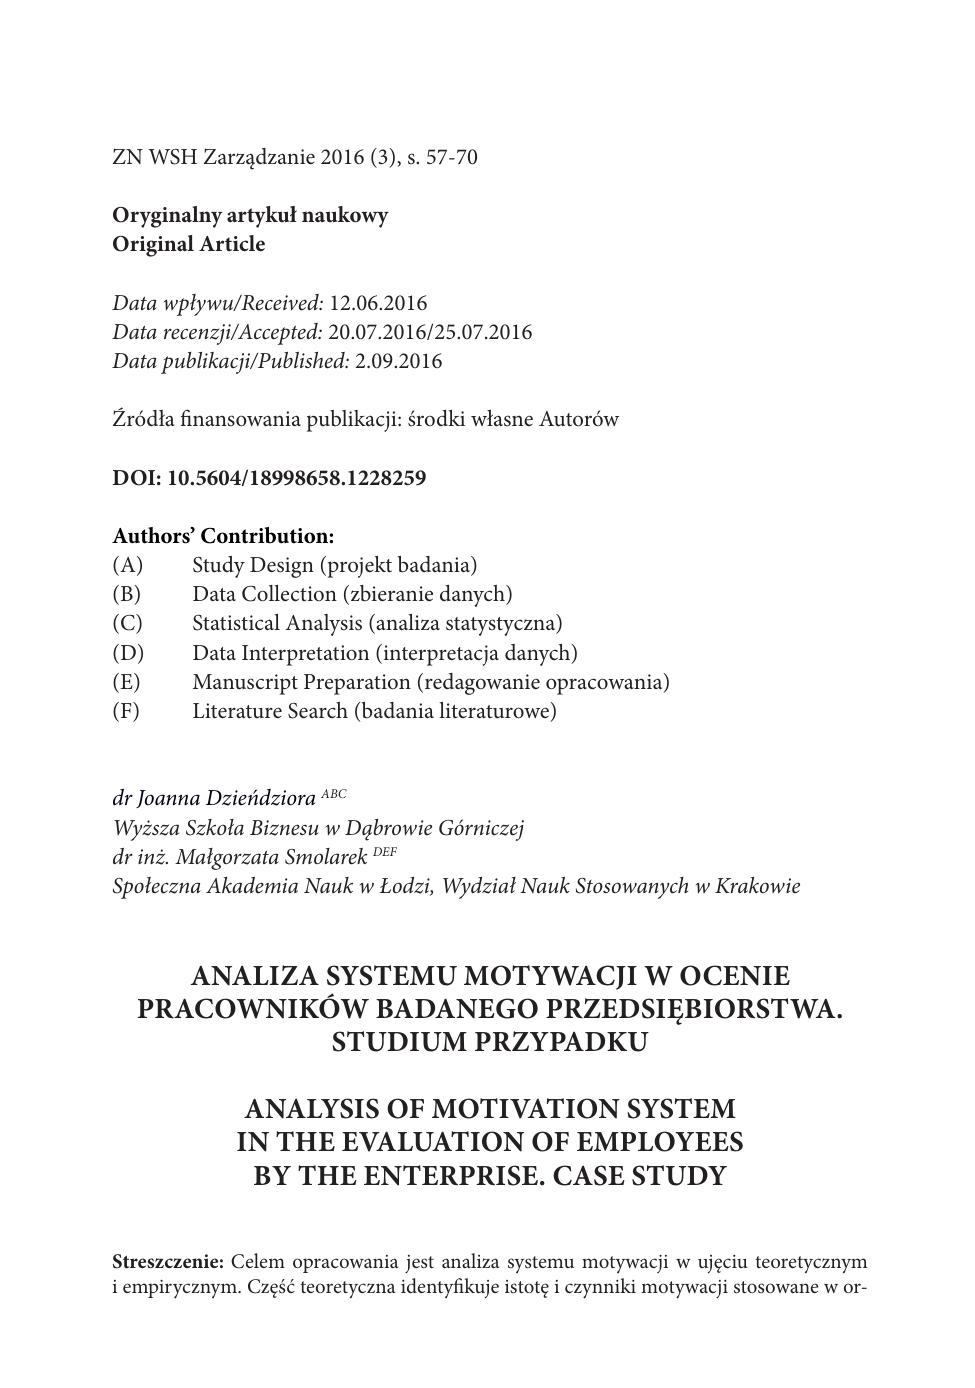 Analiza Systemu Motywacji W Ocenie Pracowników Badanego